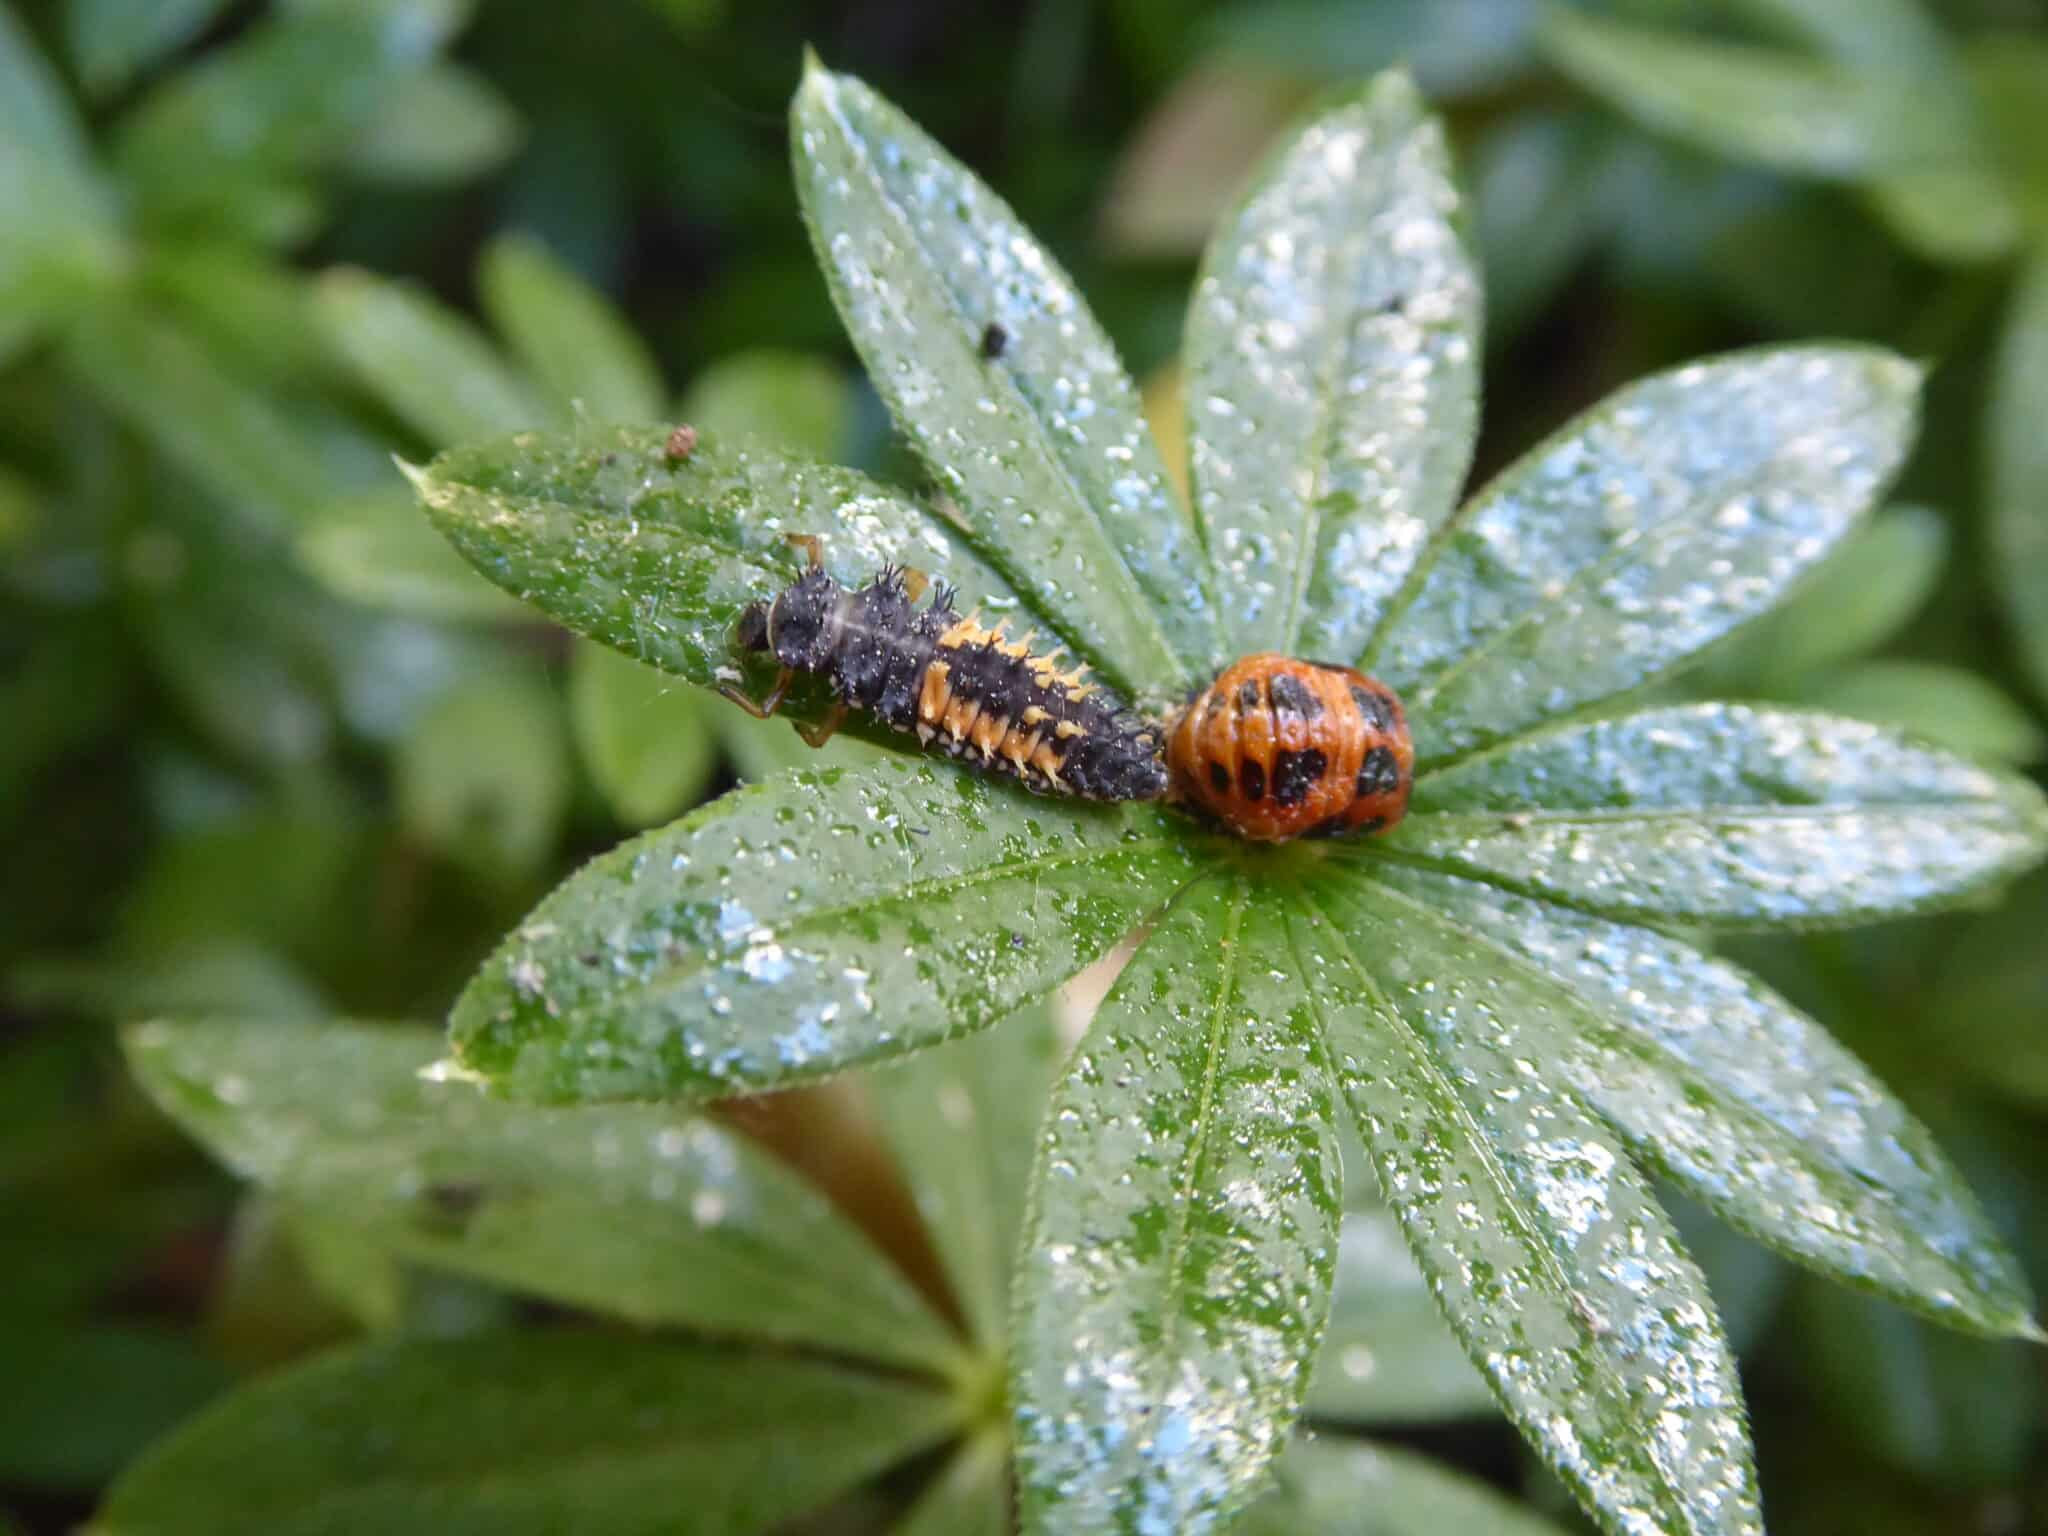 Marienkäfer sind nützlich. So sehen deren Larven (links), Puppen (rechts) aus. Das Klebrige, Glänzende auf dem Foto ist der Honigtau - Ausscheidungen der Blattläuse.